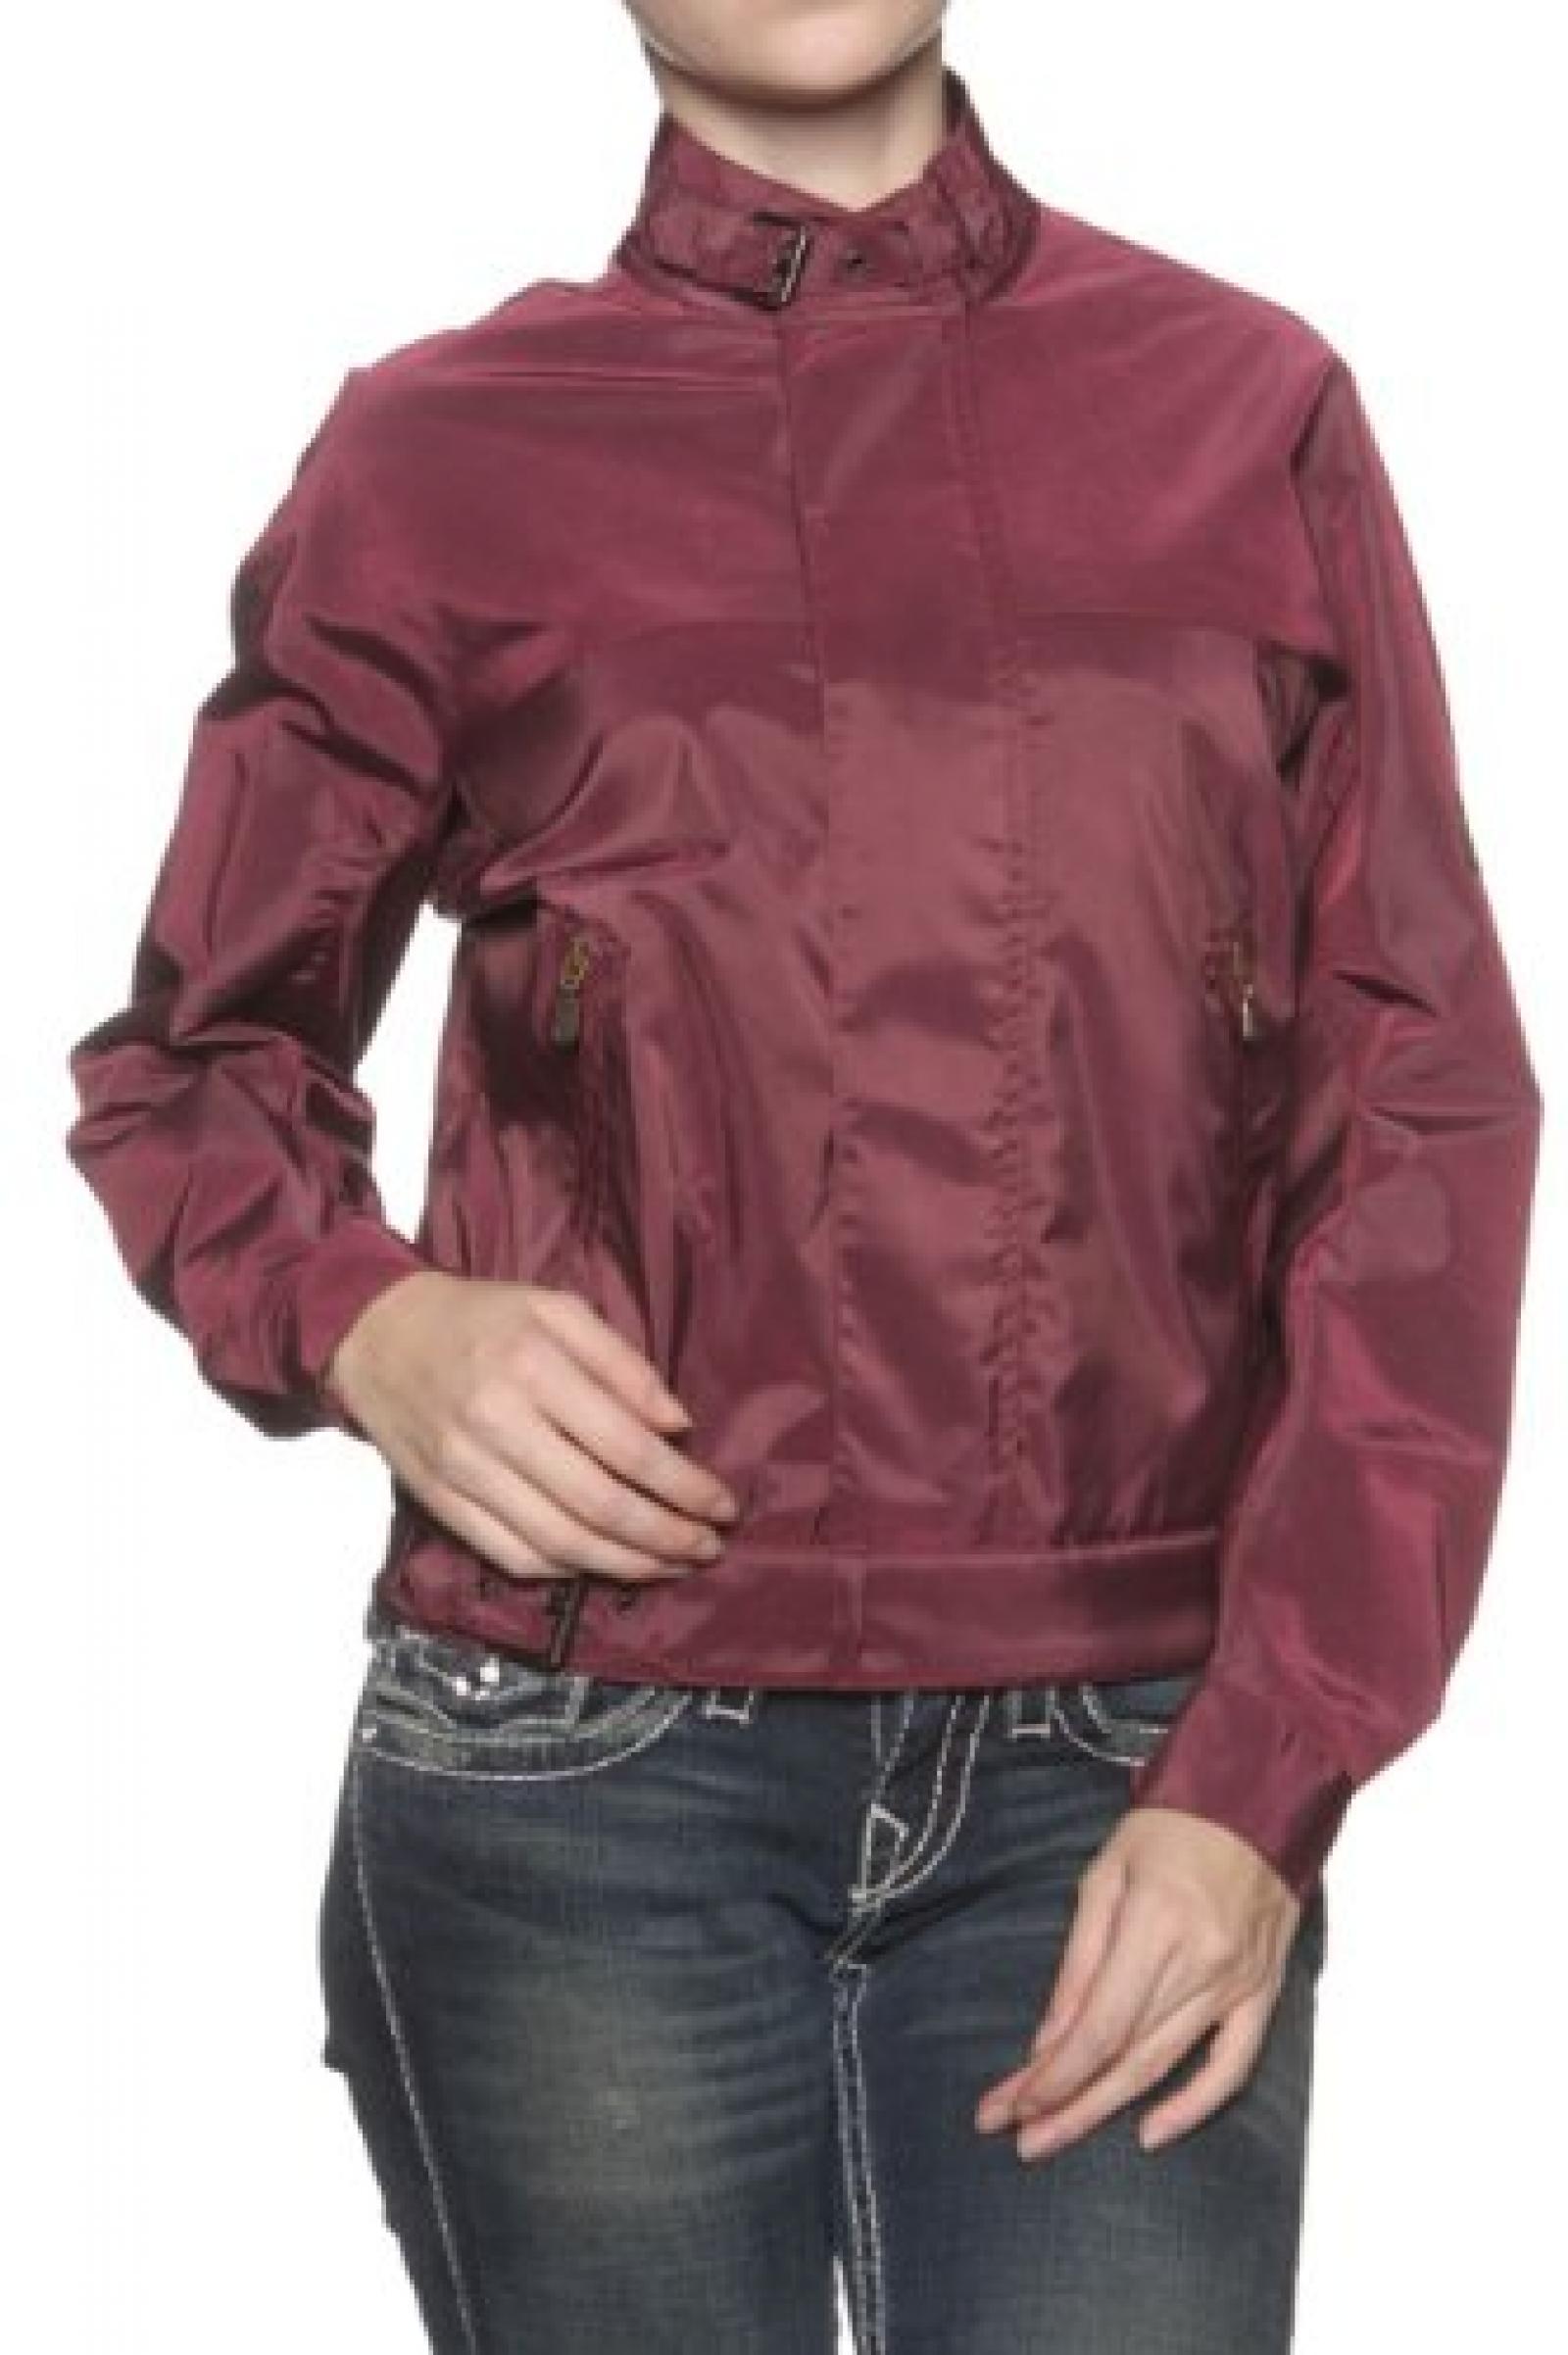 Belstaff Damen Jacke Blouson-Jacke PIRAT SUMMER, Farbe: Dunkellila